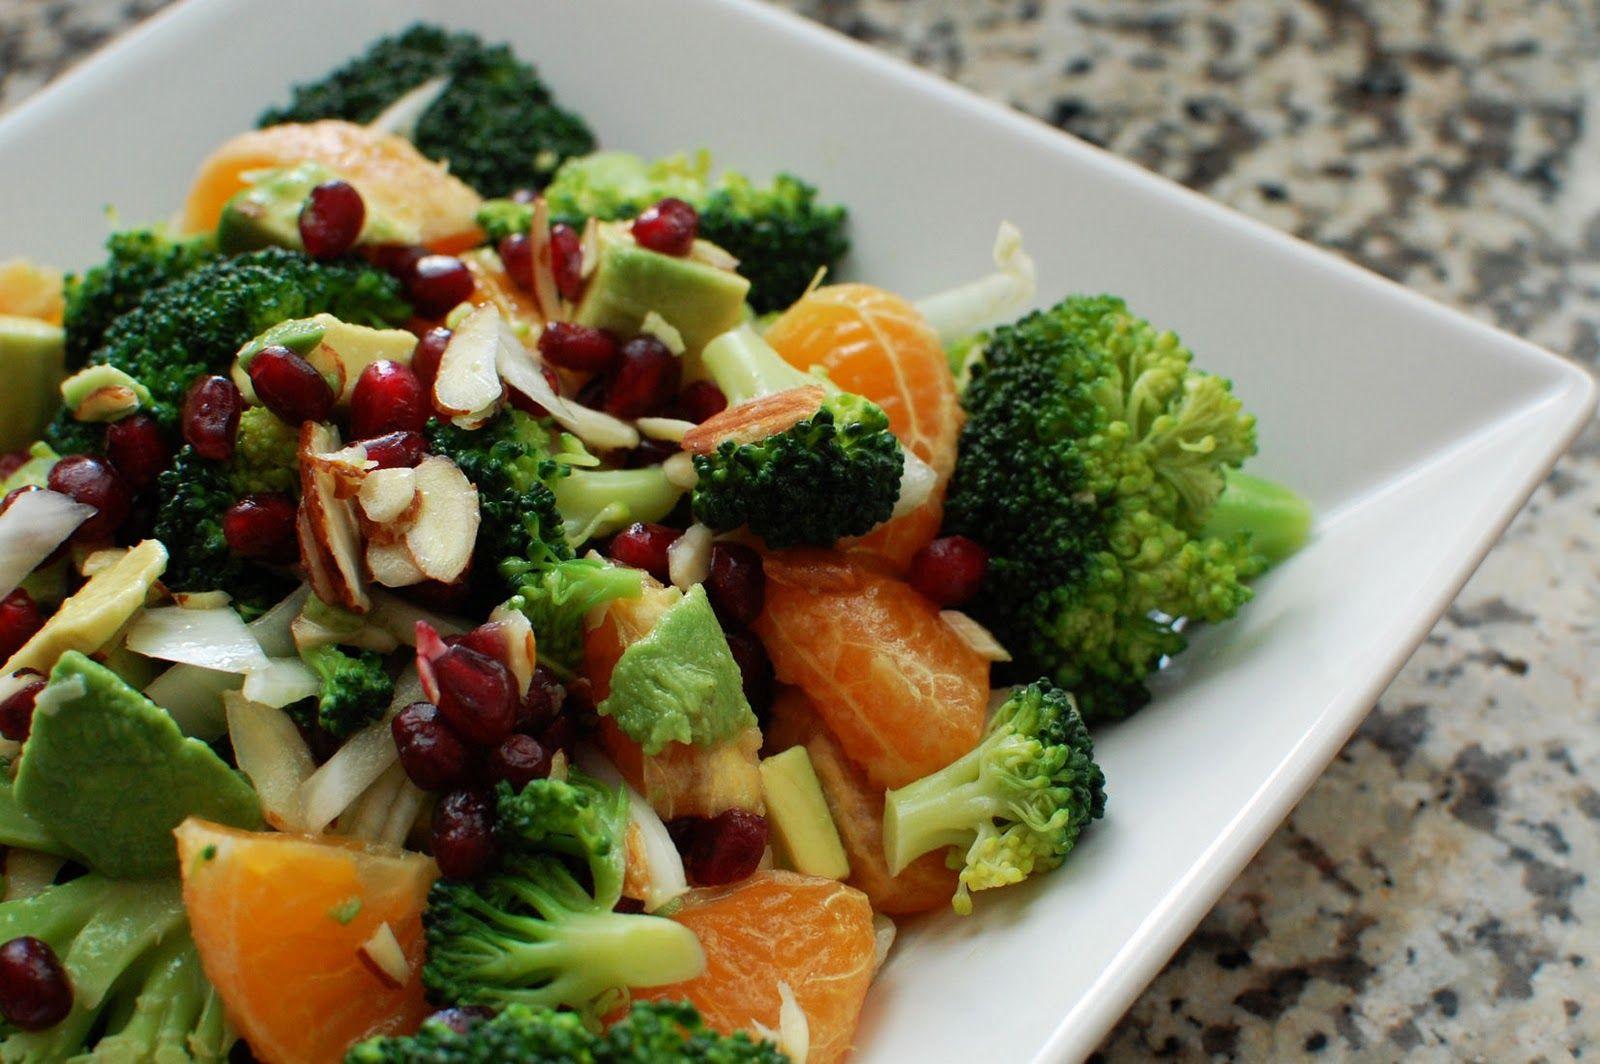 Healthy Broccoli Recipes  15 Delicious And Healthy Broccoli Recipes You Should Know